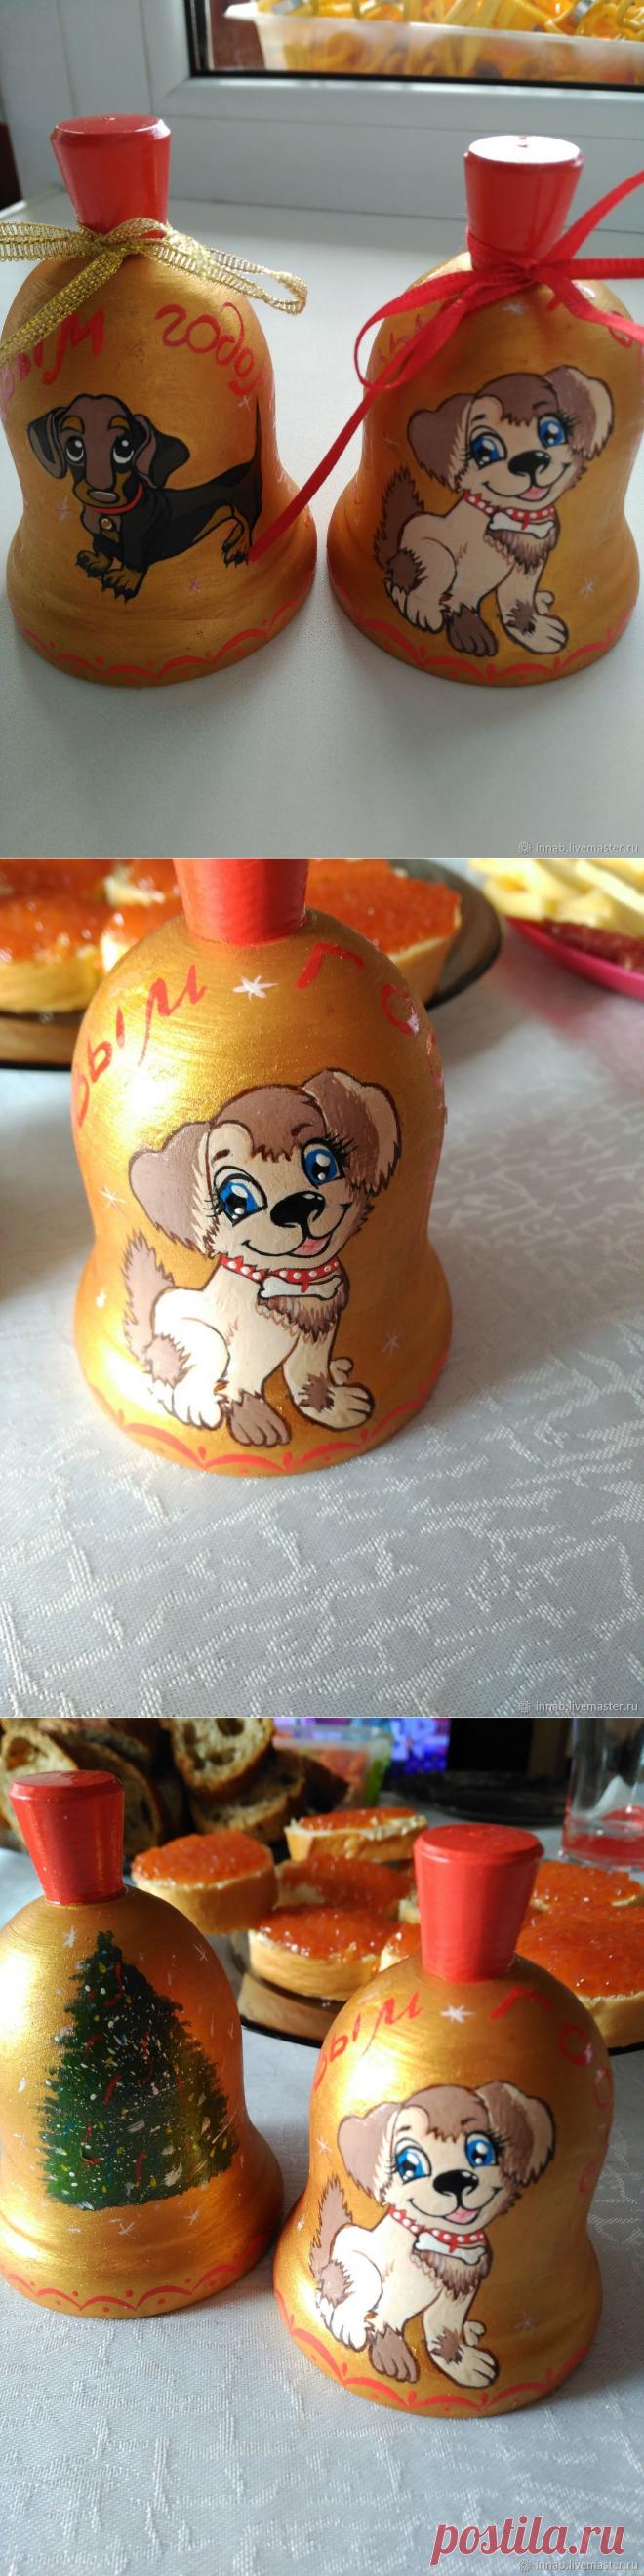 Купить Колокольчик символ года 2018 с собакой в интернет магазине на Ярмарке Мастеров